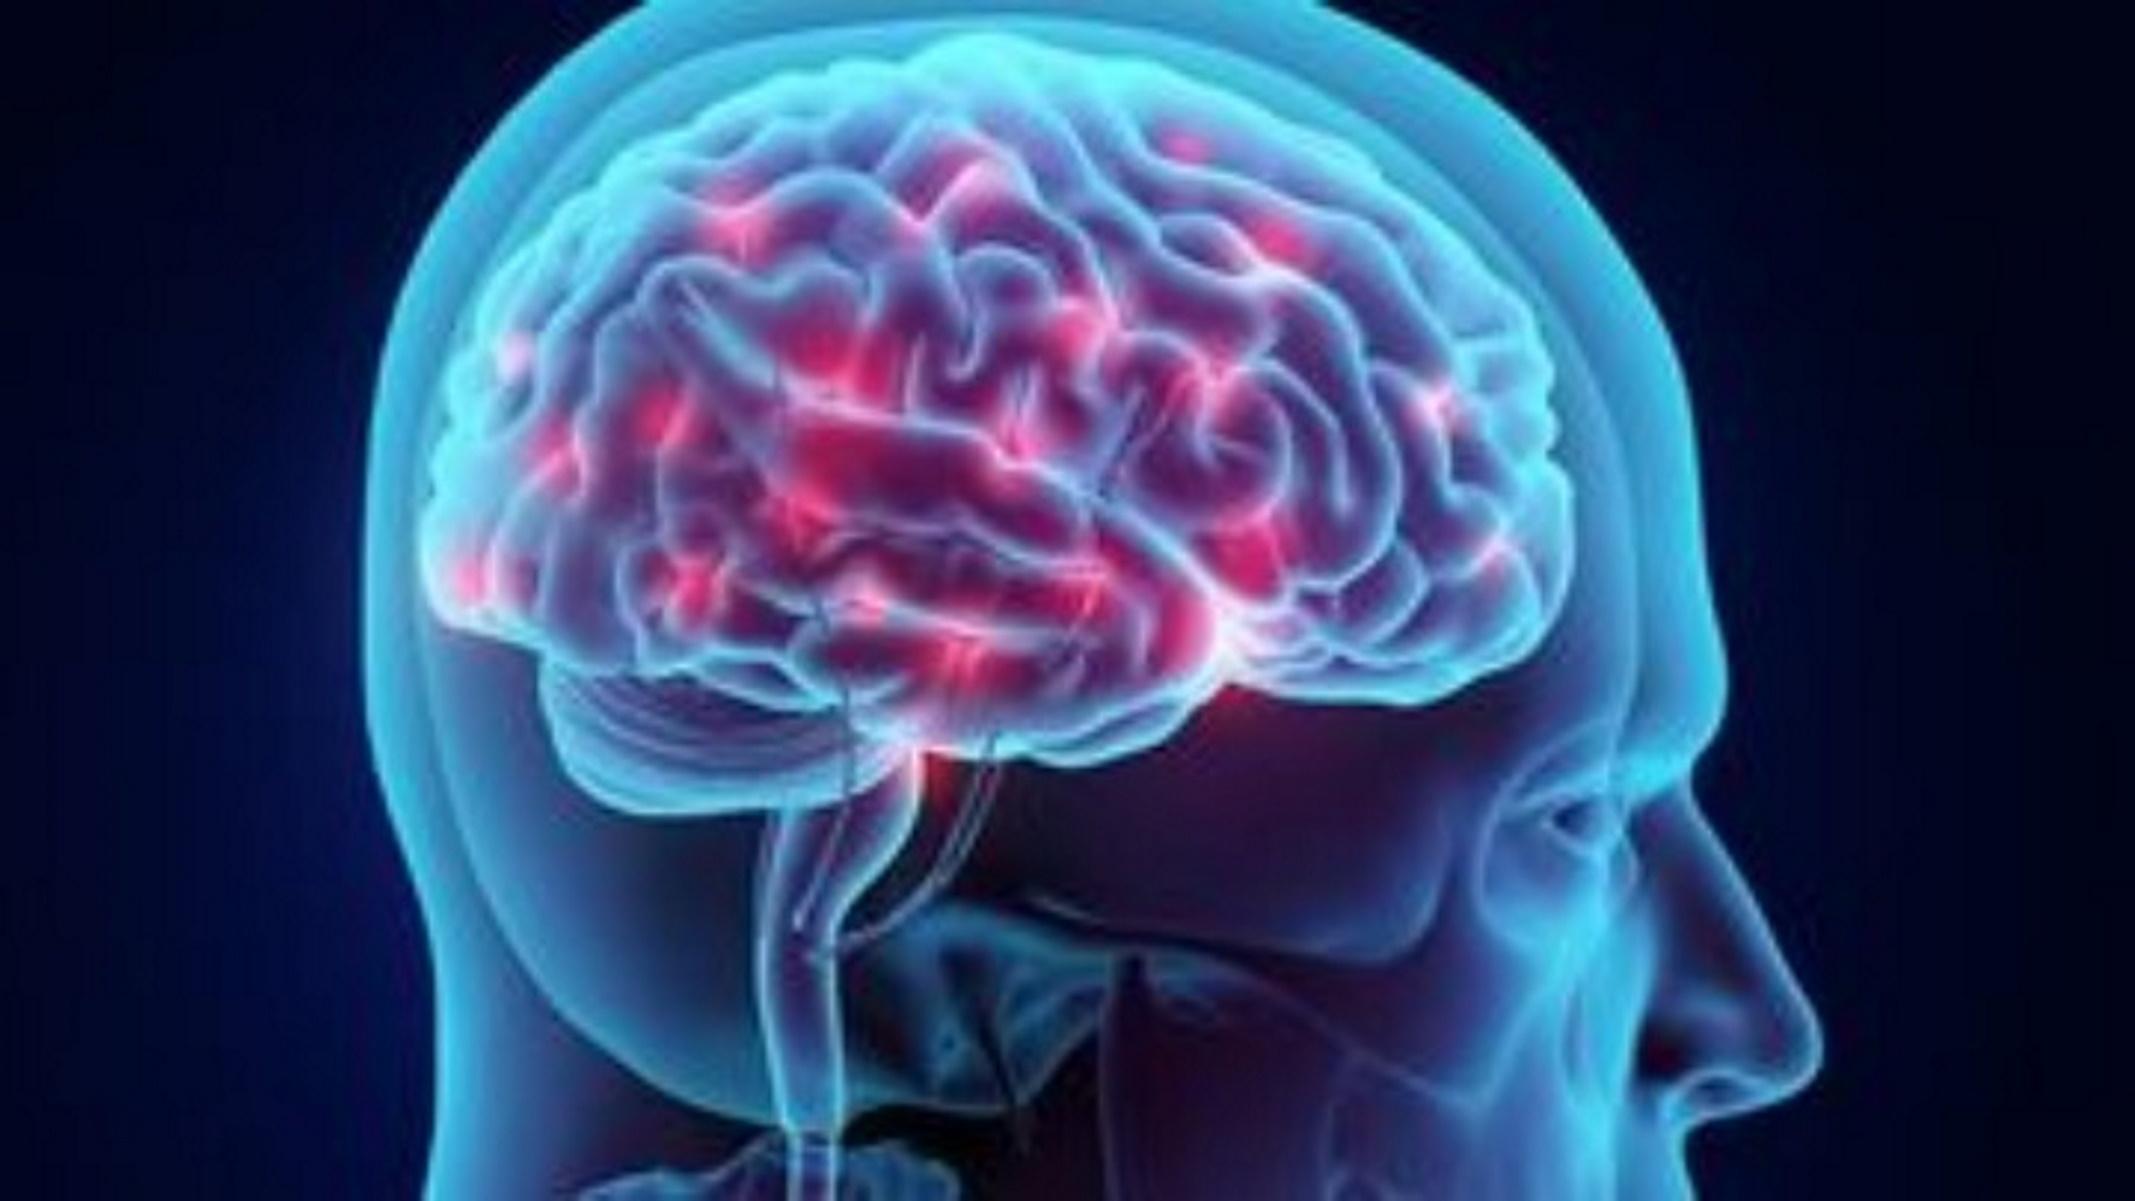 Έρευνα: Αυτό το χαρακτηριστικό πάνω μας δείχνει… το πόσο έξυπνοι είμαστε